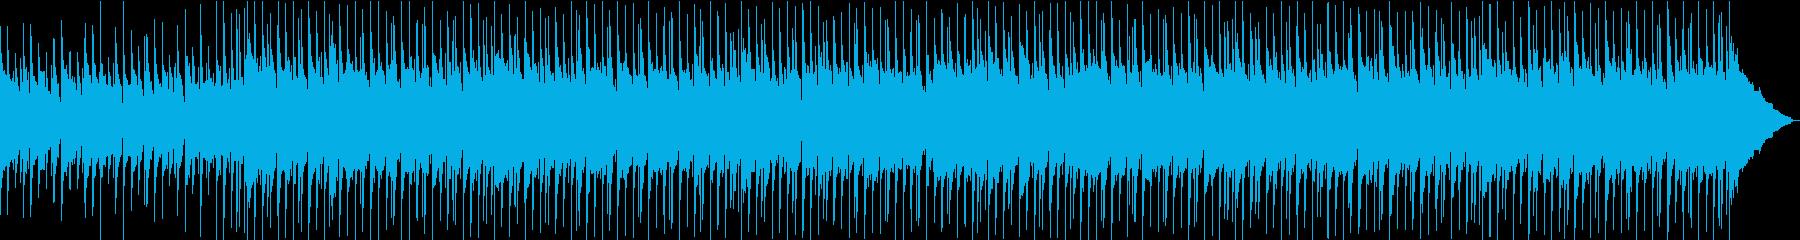 CM向きのハッピーで明るいウクレレですの再生済みの波形